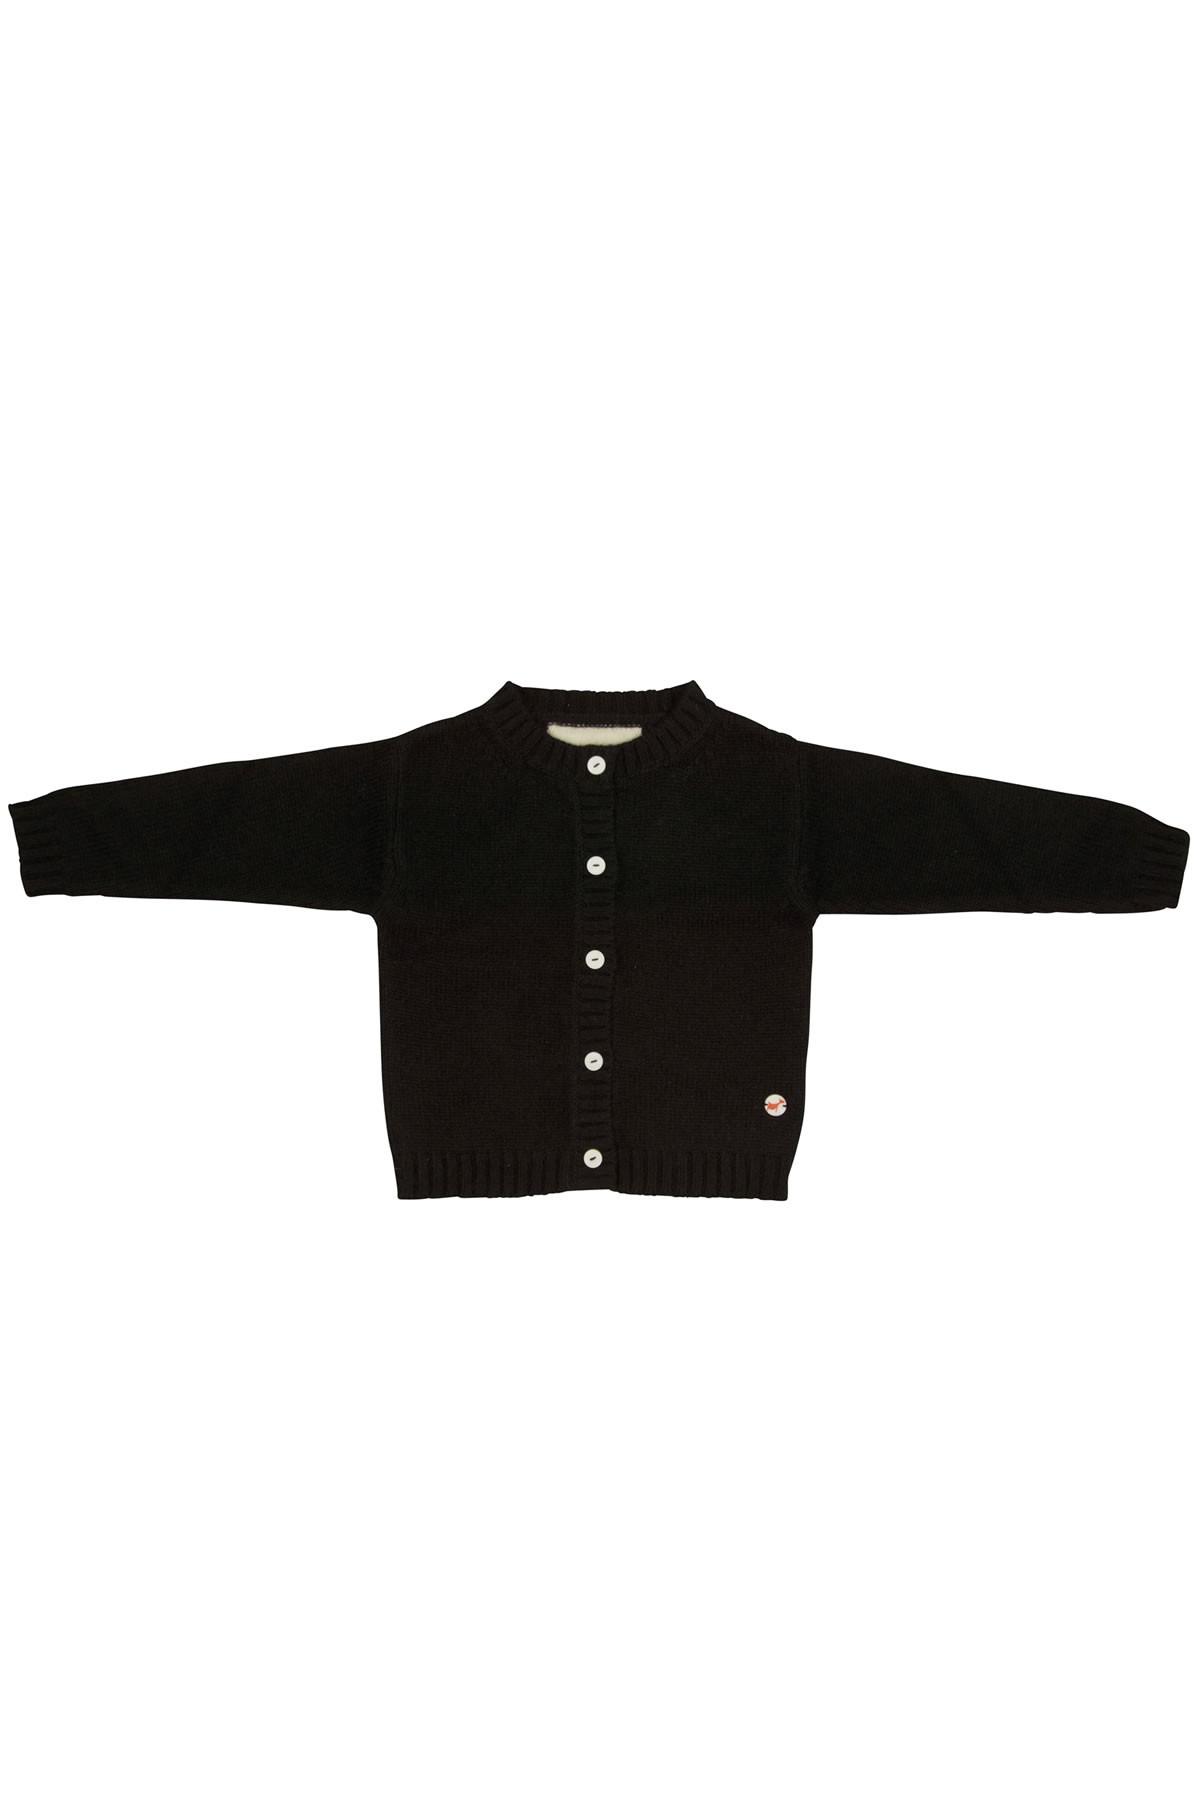 Baby Jersey knit jacket black